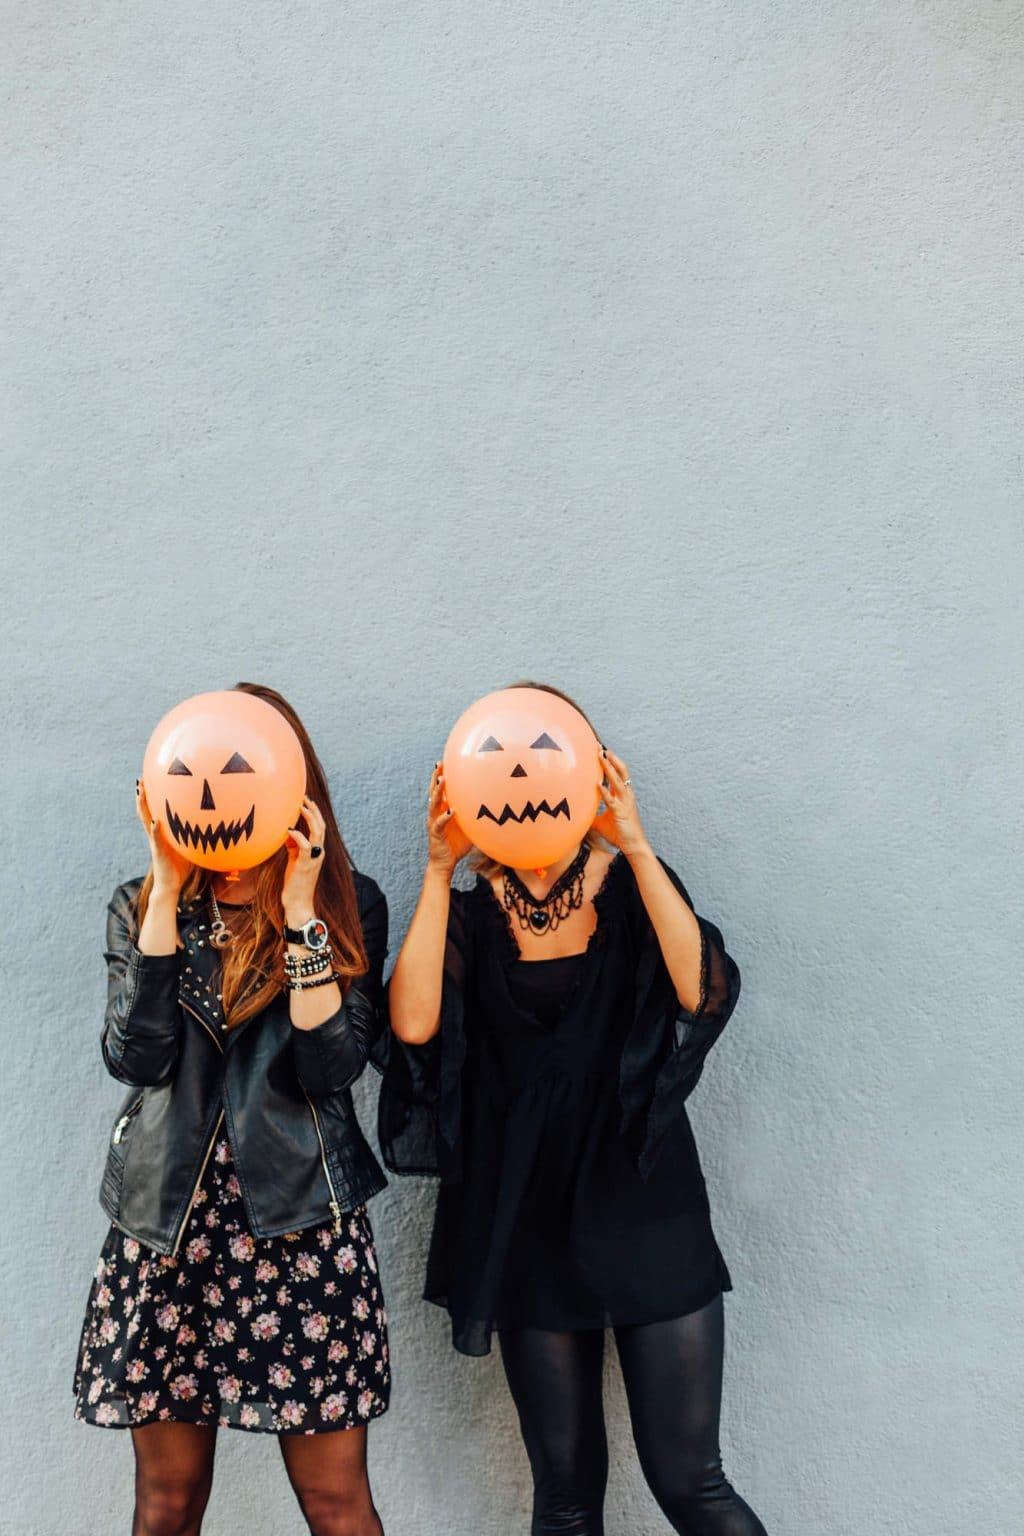 Amazon Prime Halloween Costumes.Plus Size Halloween Costumes You Can Buy On Amazon Prime Today